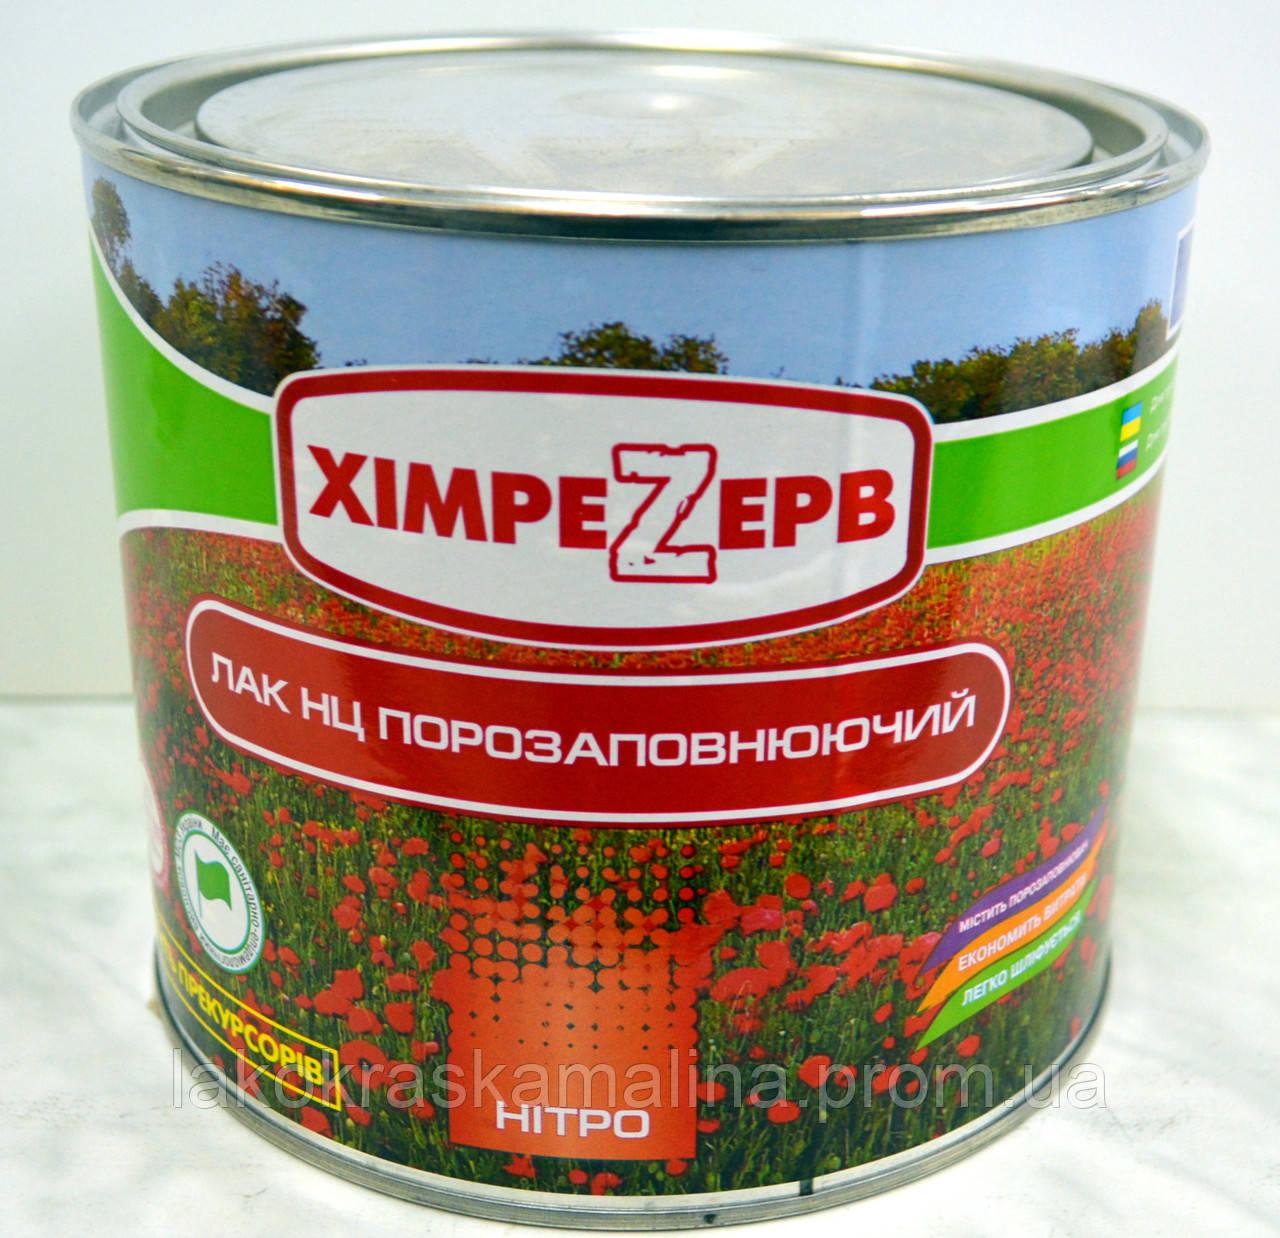 Грунтовочный лак НЦ порозаполняющий Химрезерв 2 кг - Лакокраска на Малине в Одессе